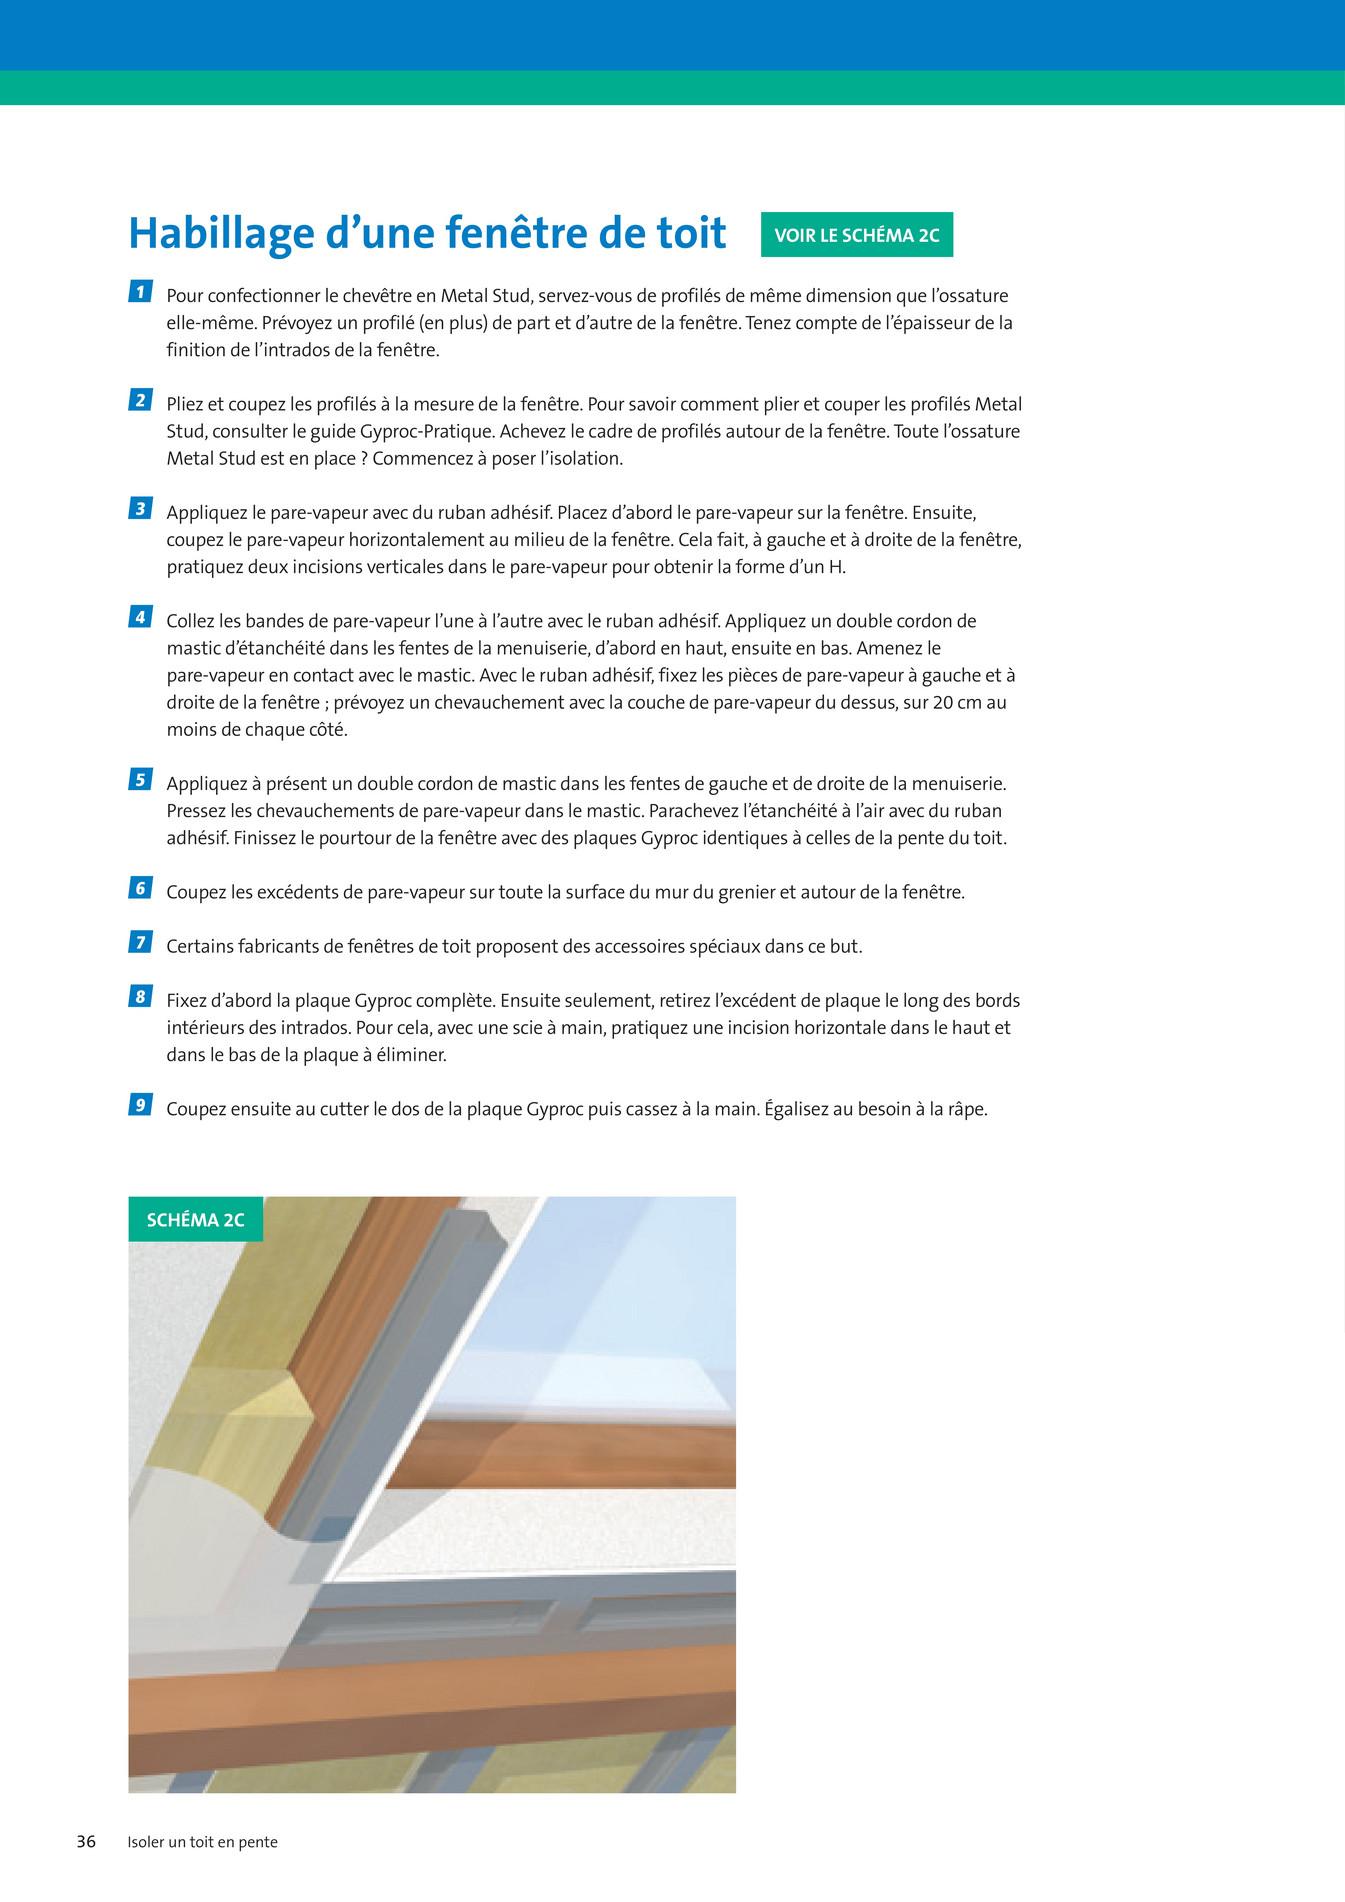 gyproc guide de la r novation gyproc fr page 36 37. Black Bedroom Furniture Sets. Home Design Ideas